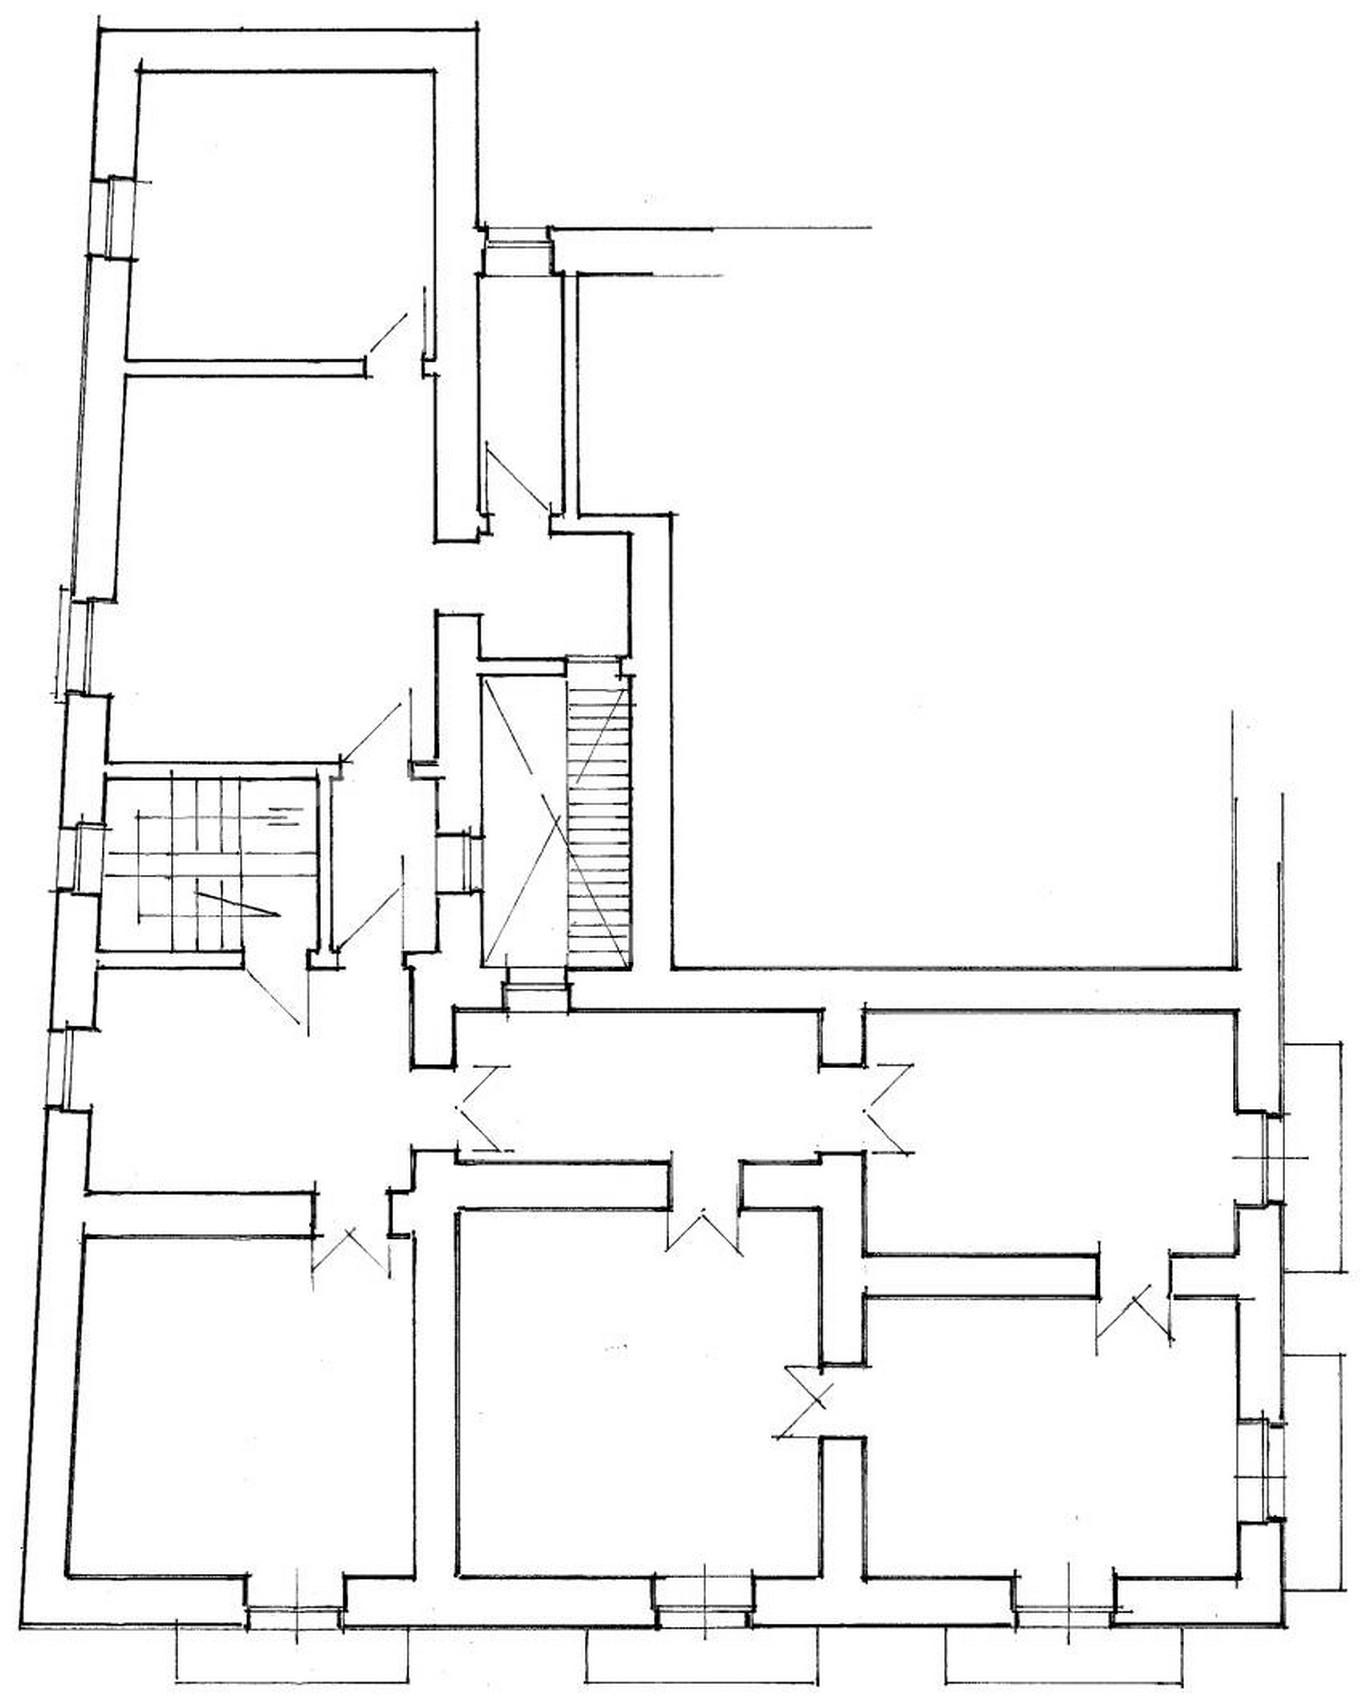 Elegante palazzetto Liberty in zona Crocifisso 24